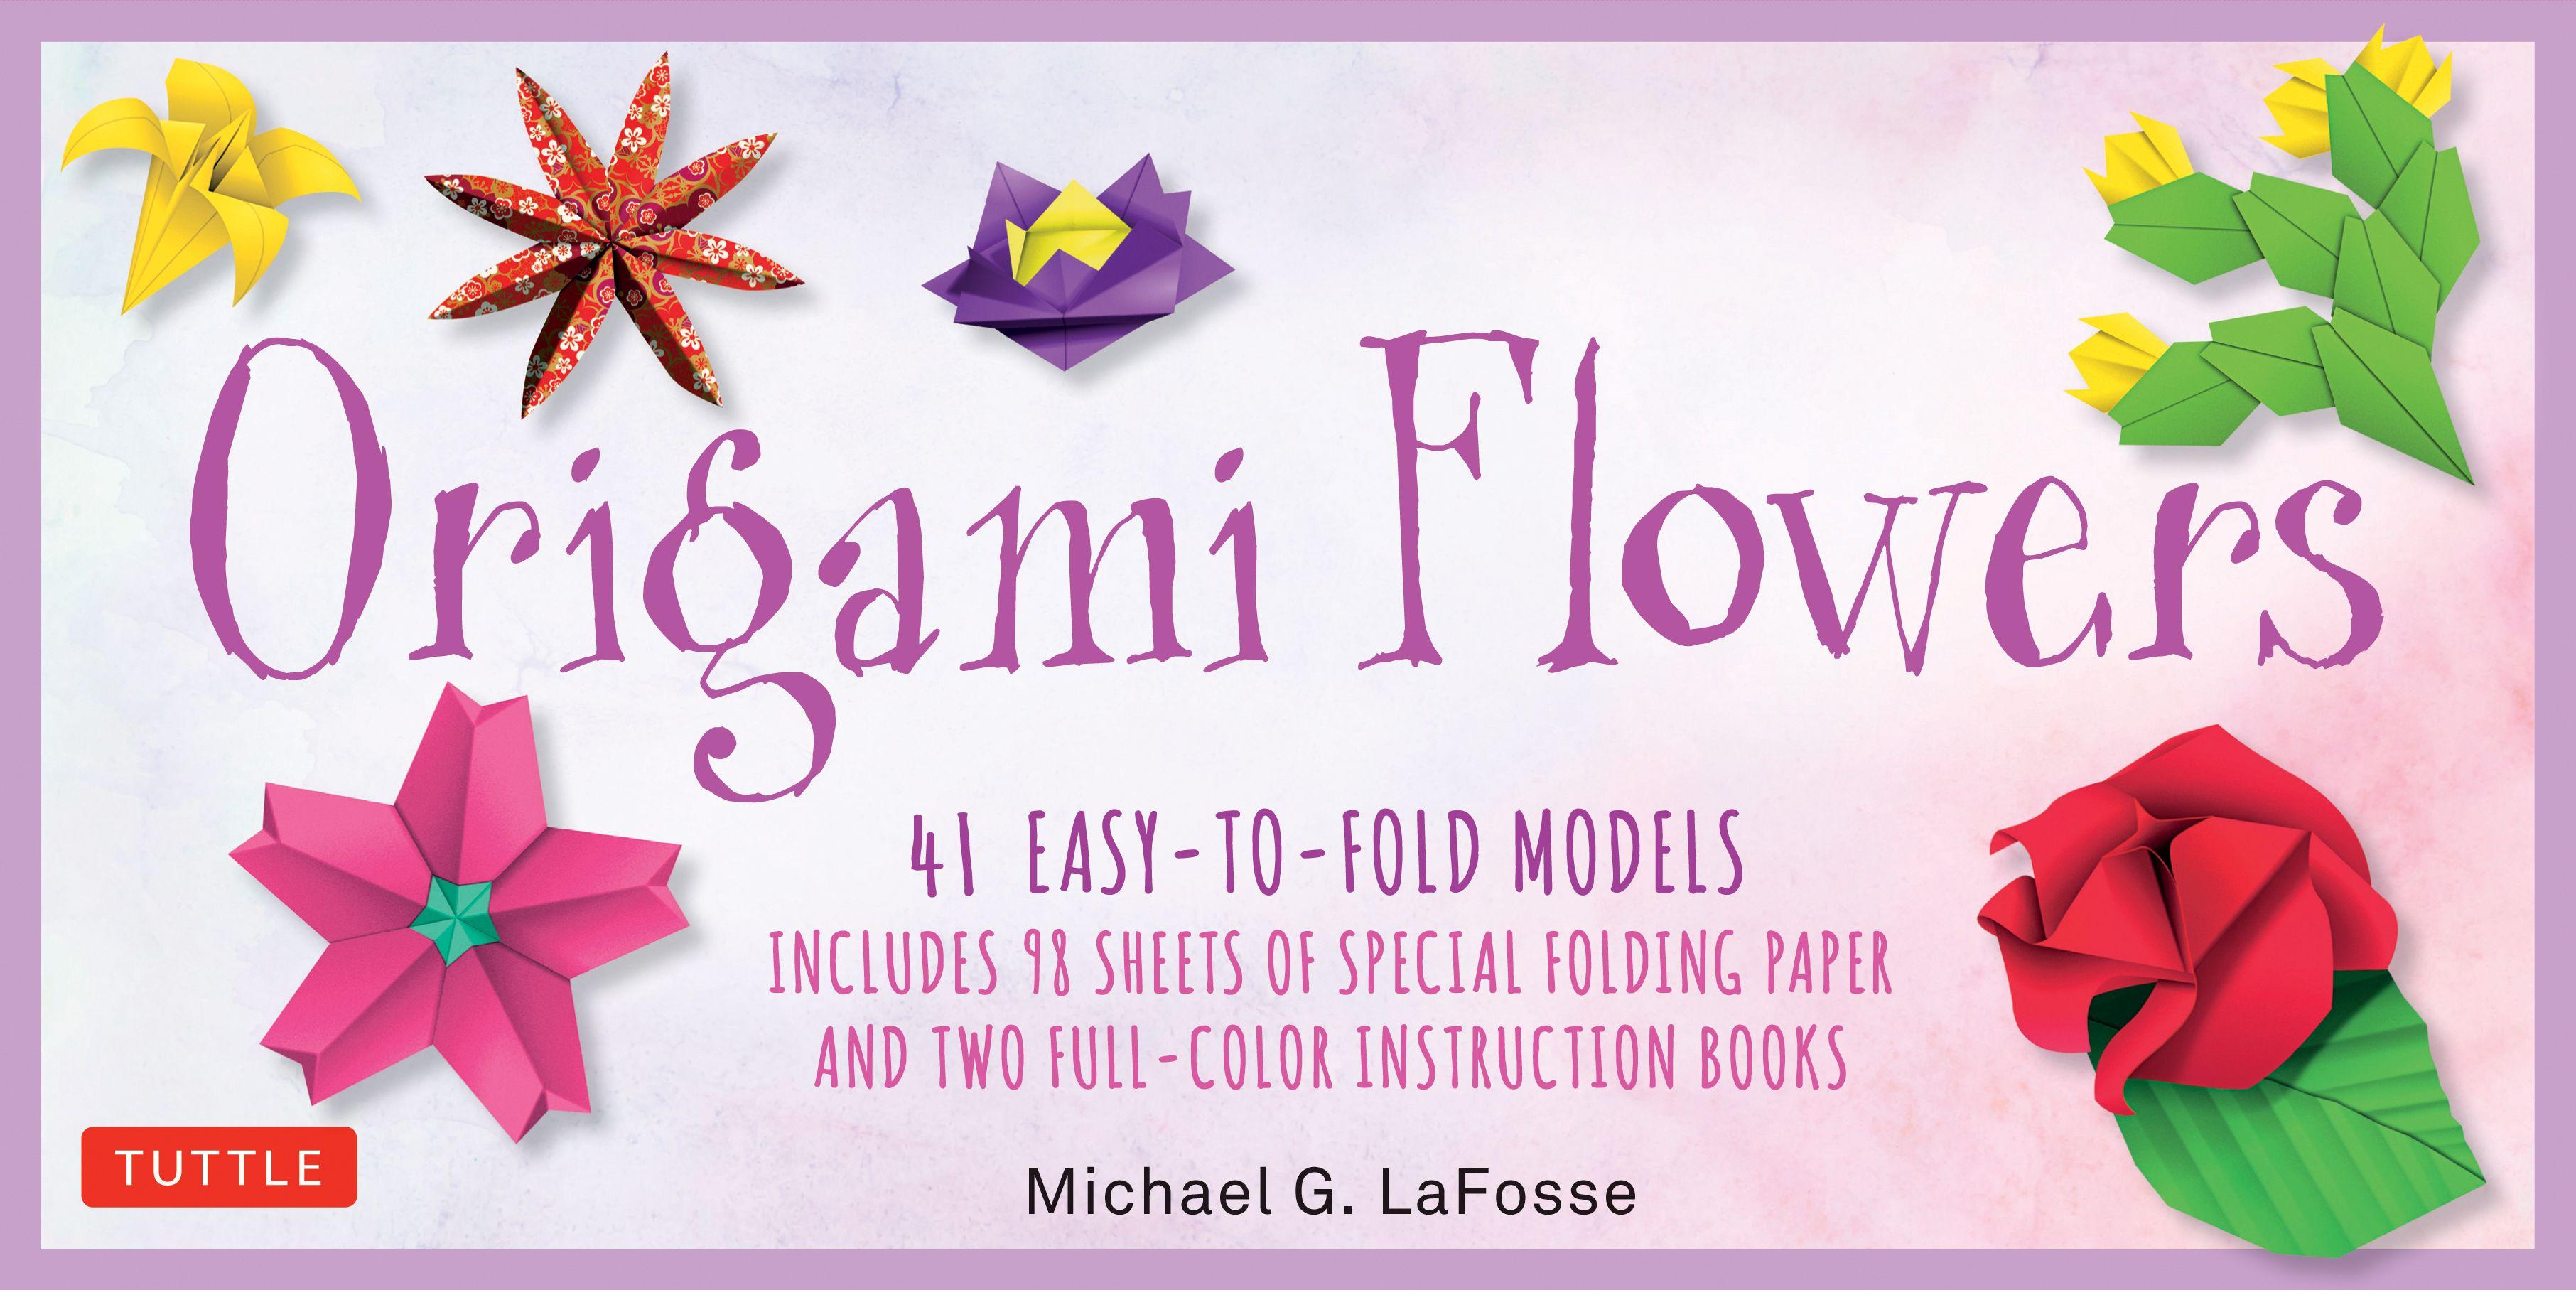 Origami flowers kit origami flowers and diagram origami flowers kit mightylinksfo